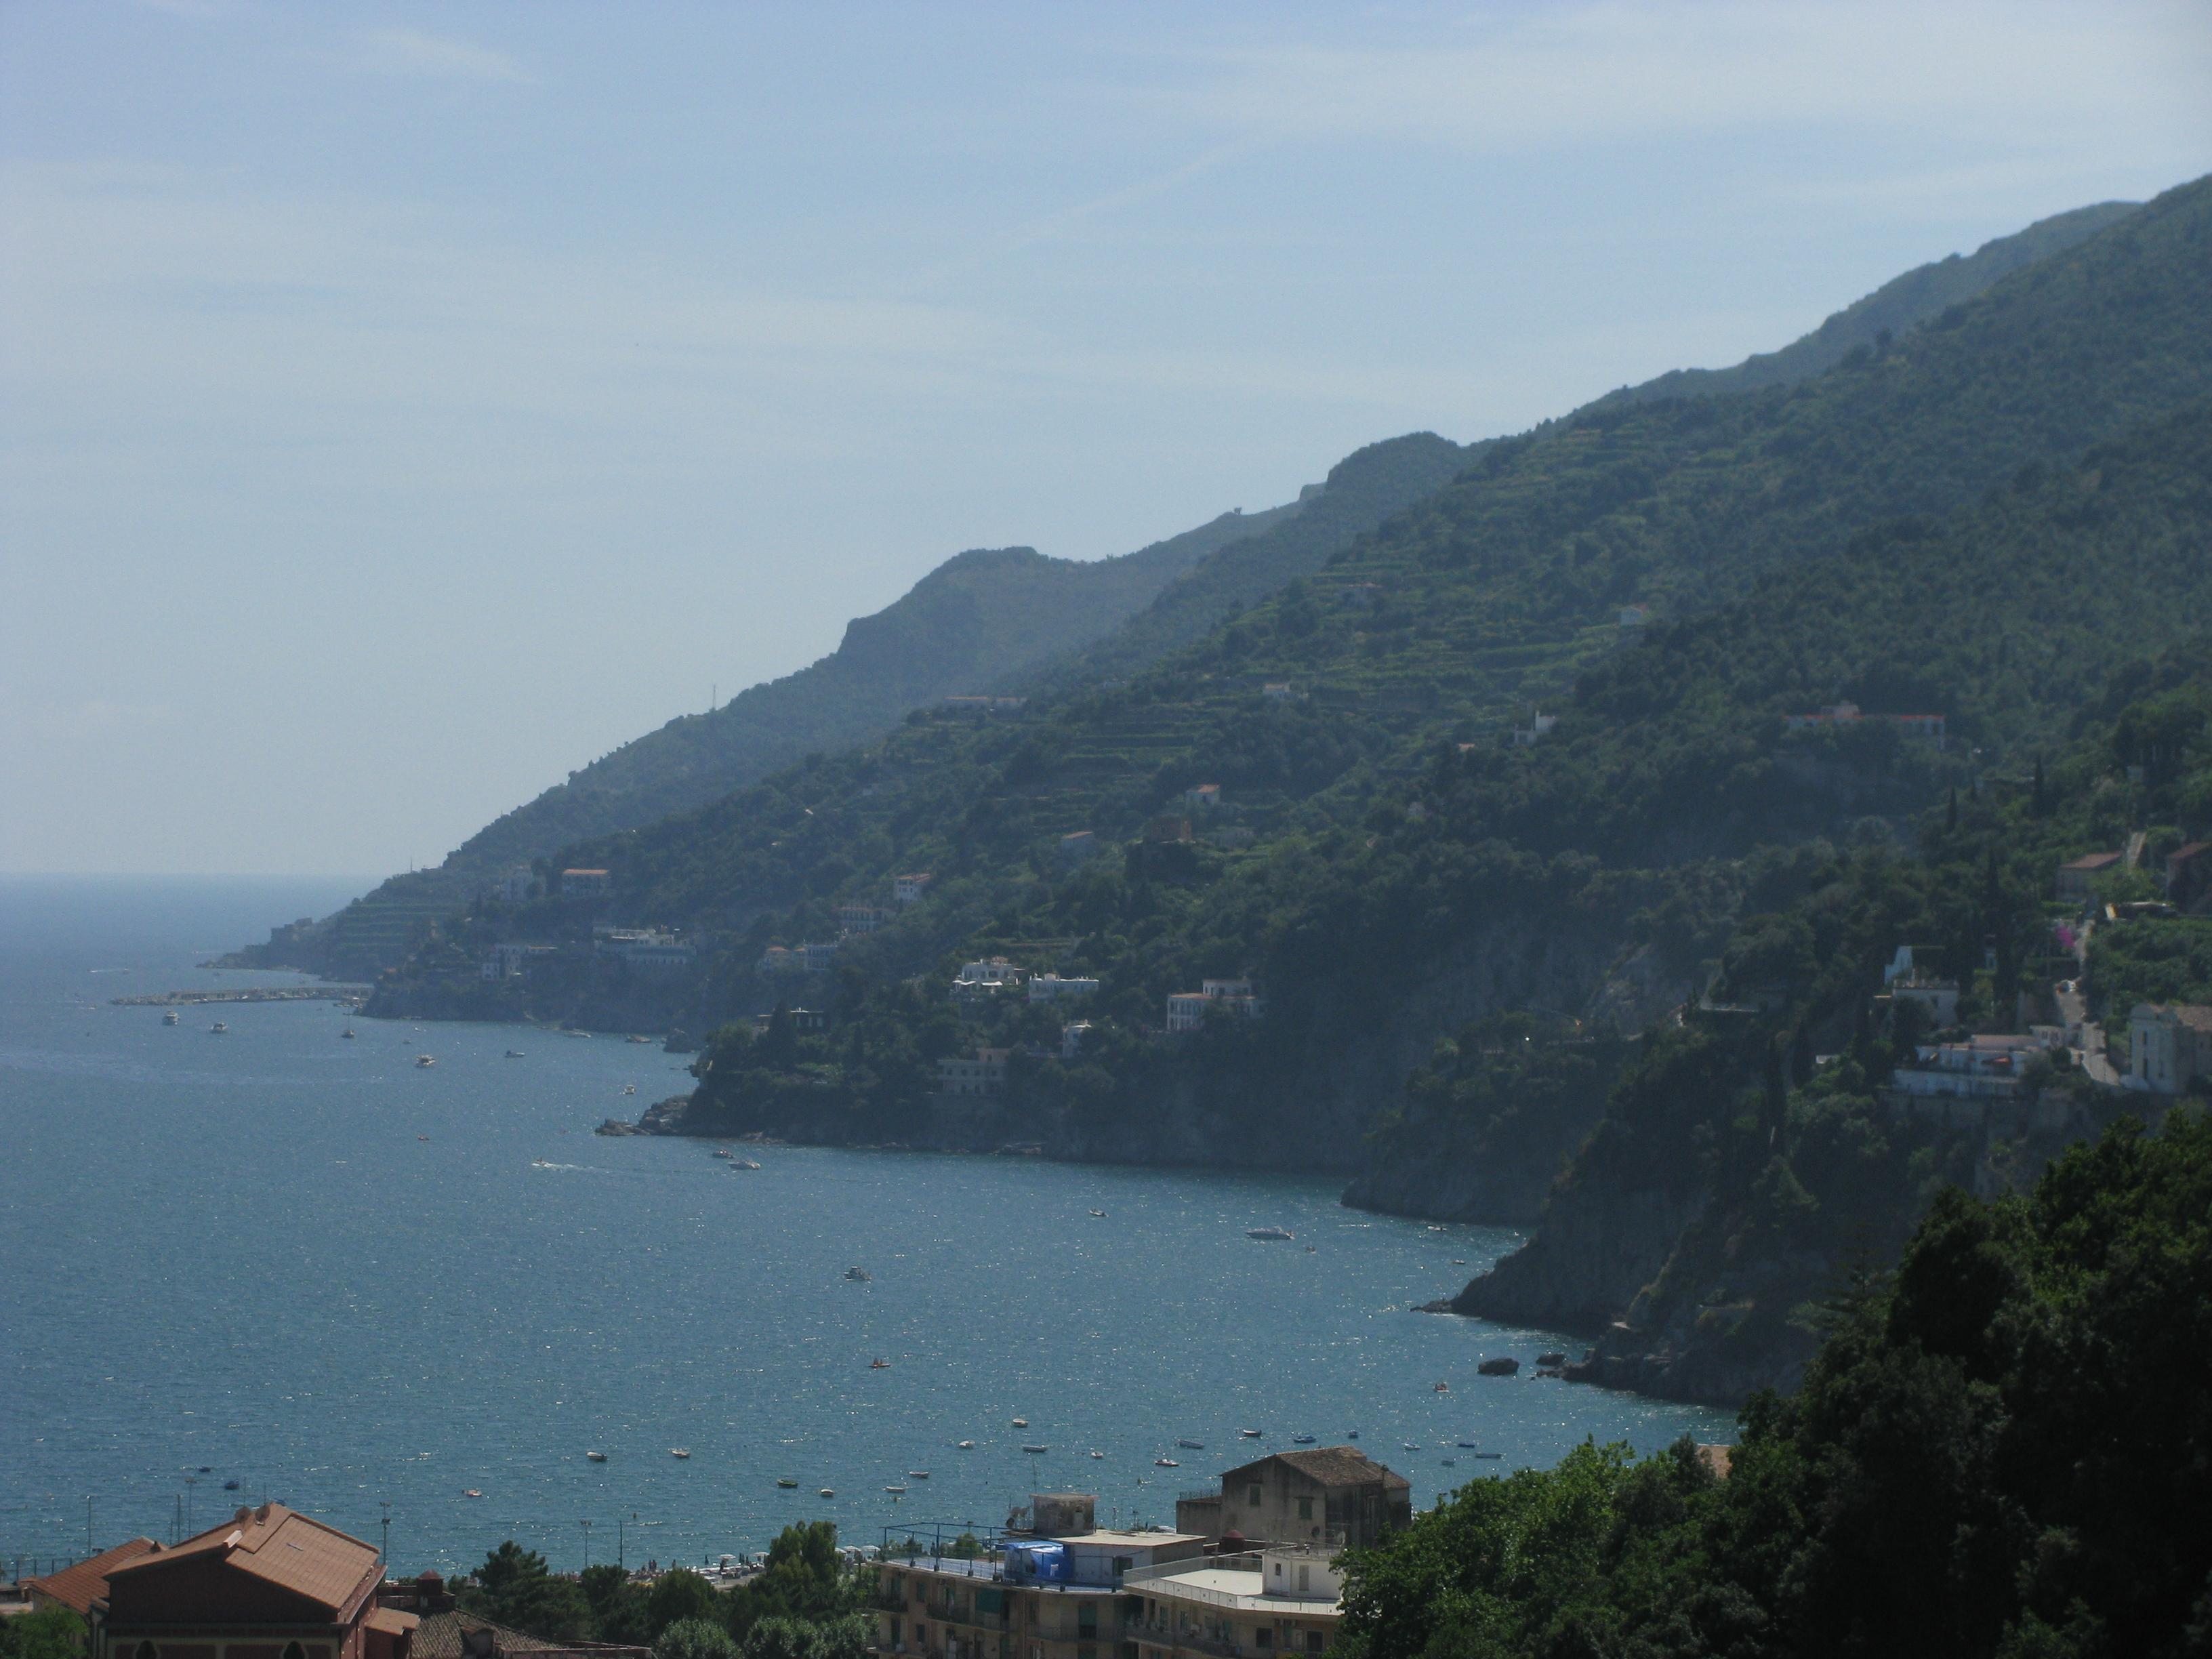 The Amalfi Coast - 2009